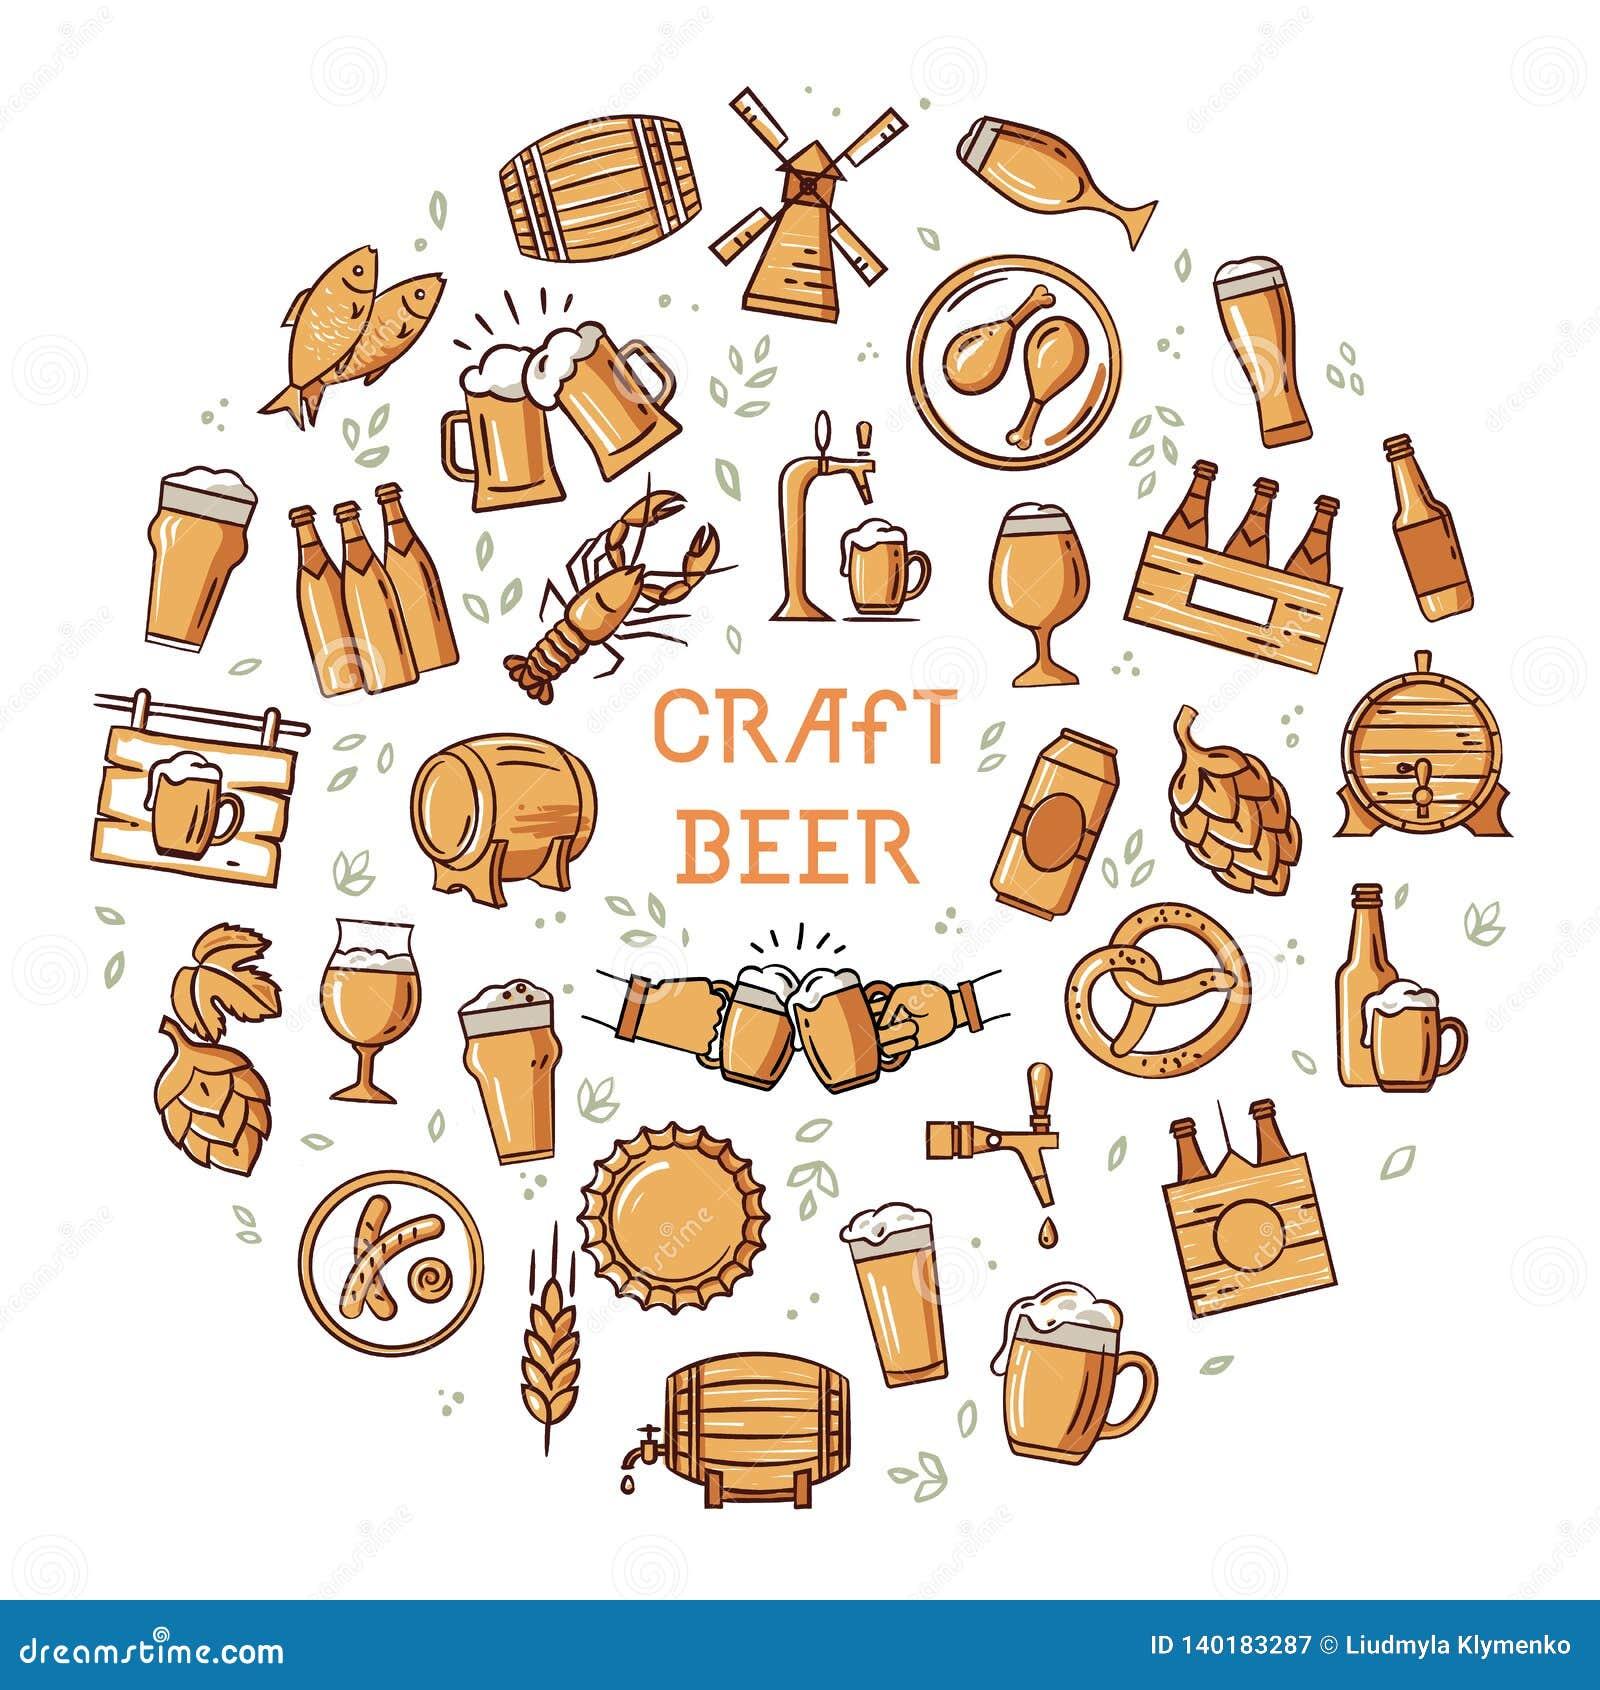 Ampuła ustawiająca kolorowe ikony na temacie piwo, swój produkcja, i używamy w formacie